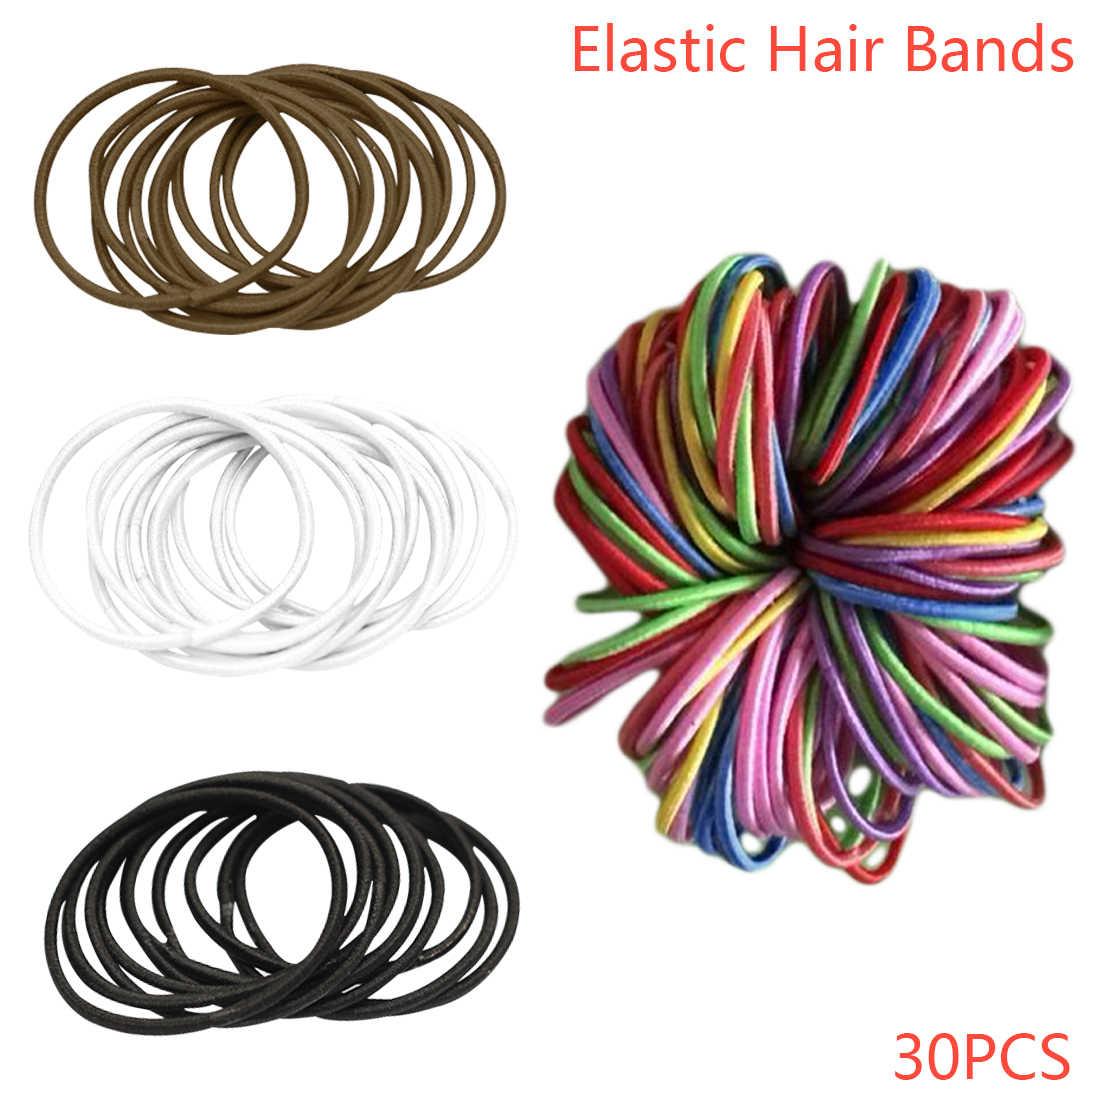 30 шт. аксессуары для волос для девочек эластичные резинки резинка для прически «конский хвост» головной убор кольца для волос галстук резинка производитель смешанных цветов